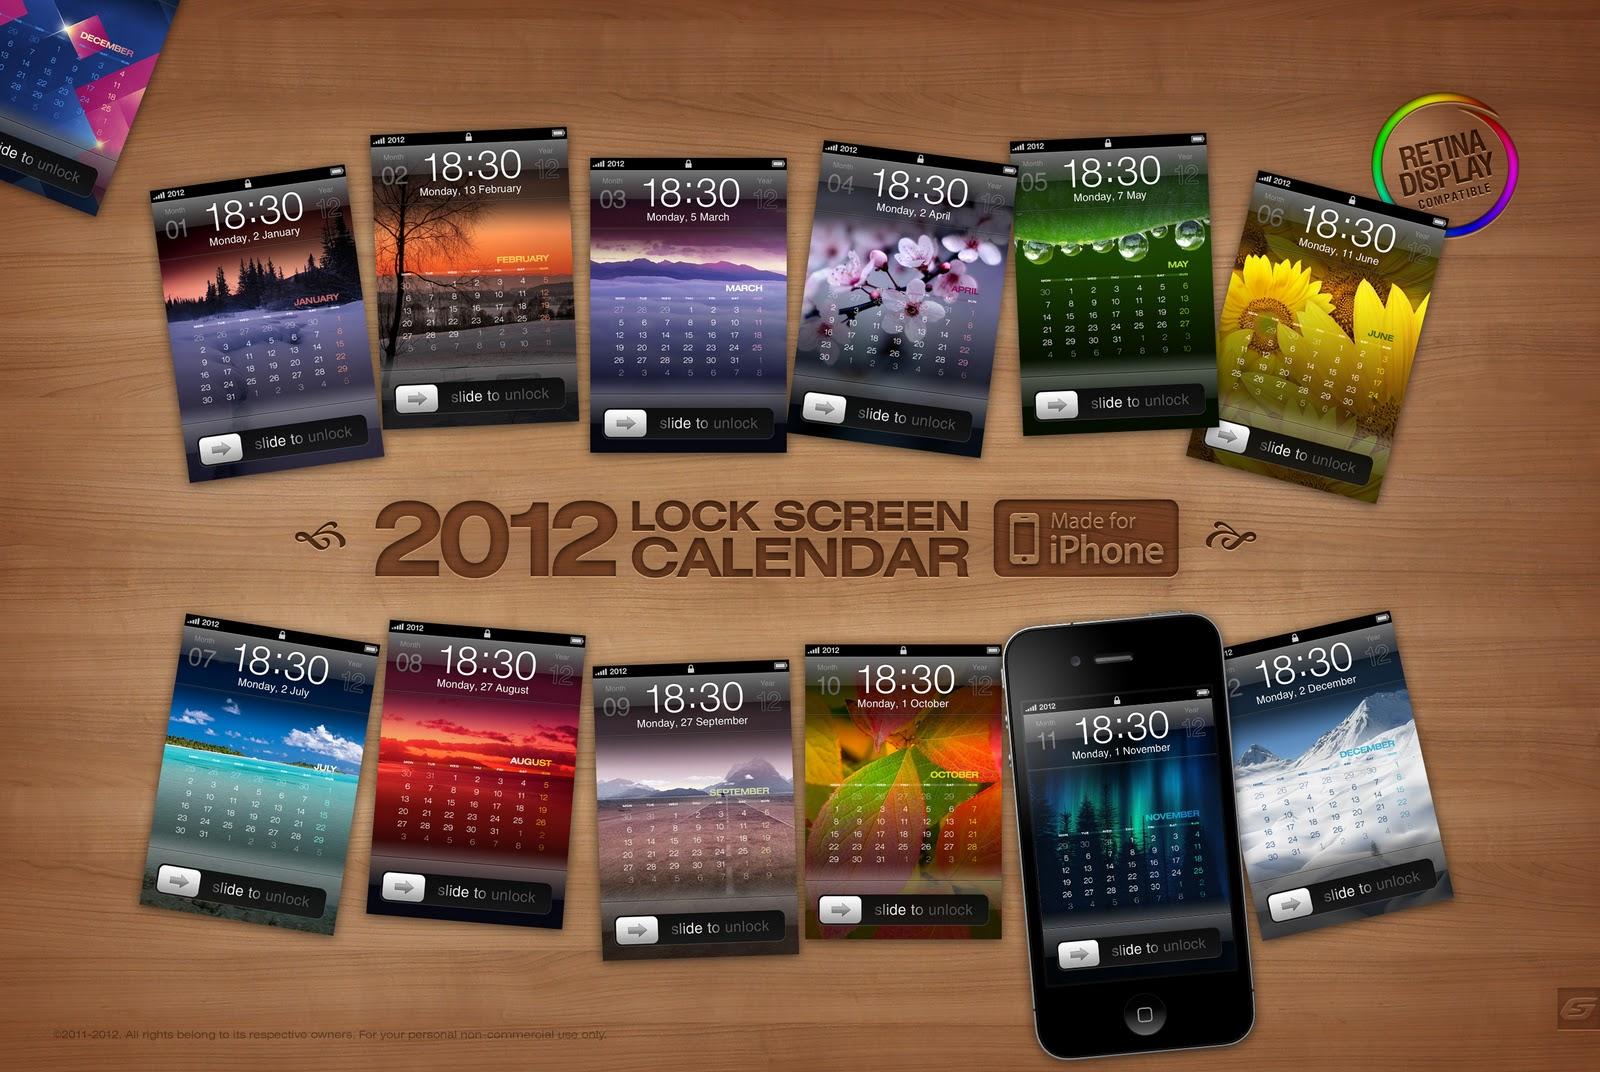 http://4.bp.blogspot.com/-m6Rkjmh8imE/Tv5A17ysCDI/AAAAAAAAApc/ScDqk6vgZq8/s1600/2012_iphone_calendar_megapack_by_five_g-d4ixo59.jpg